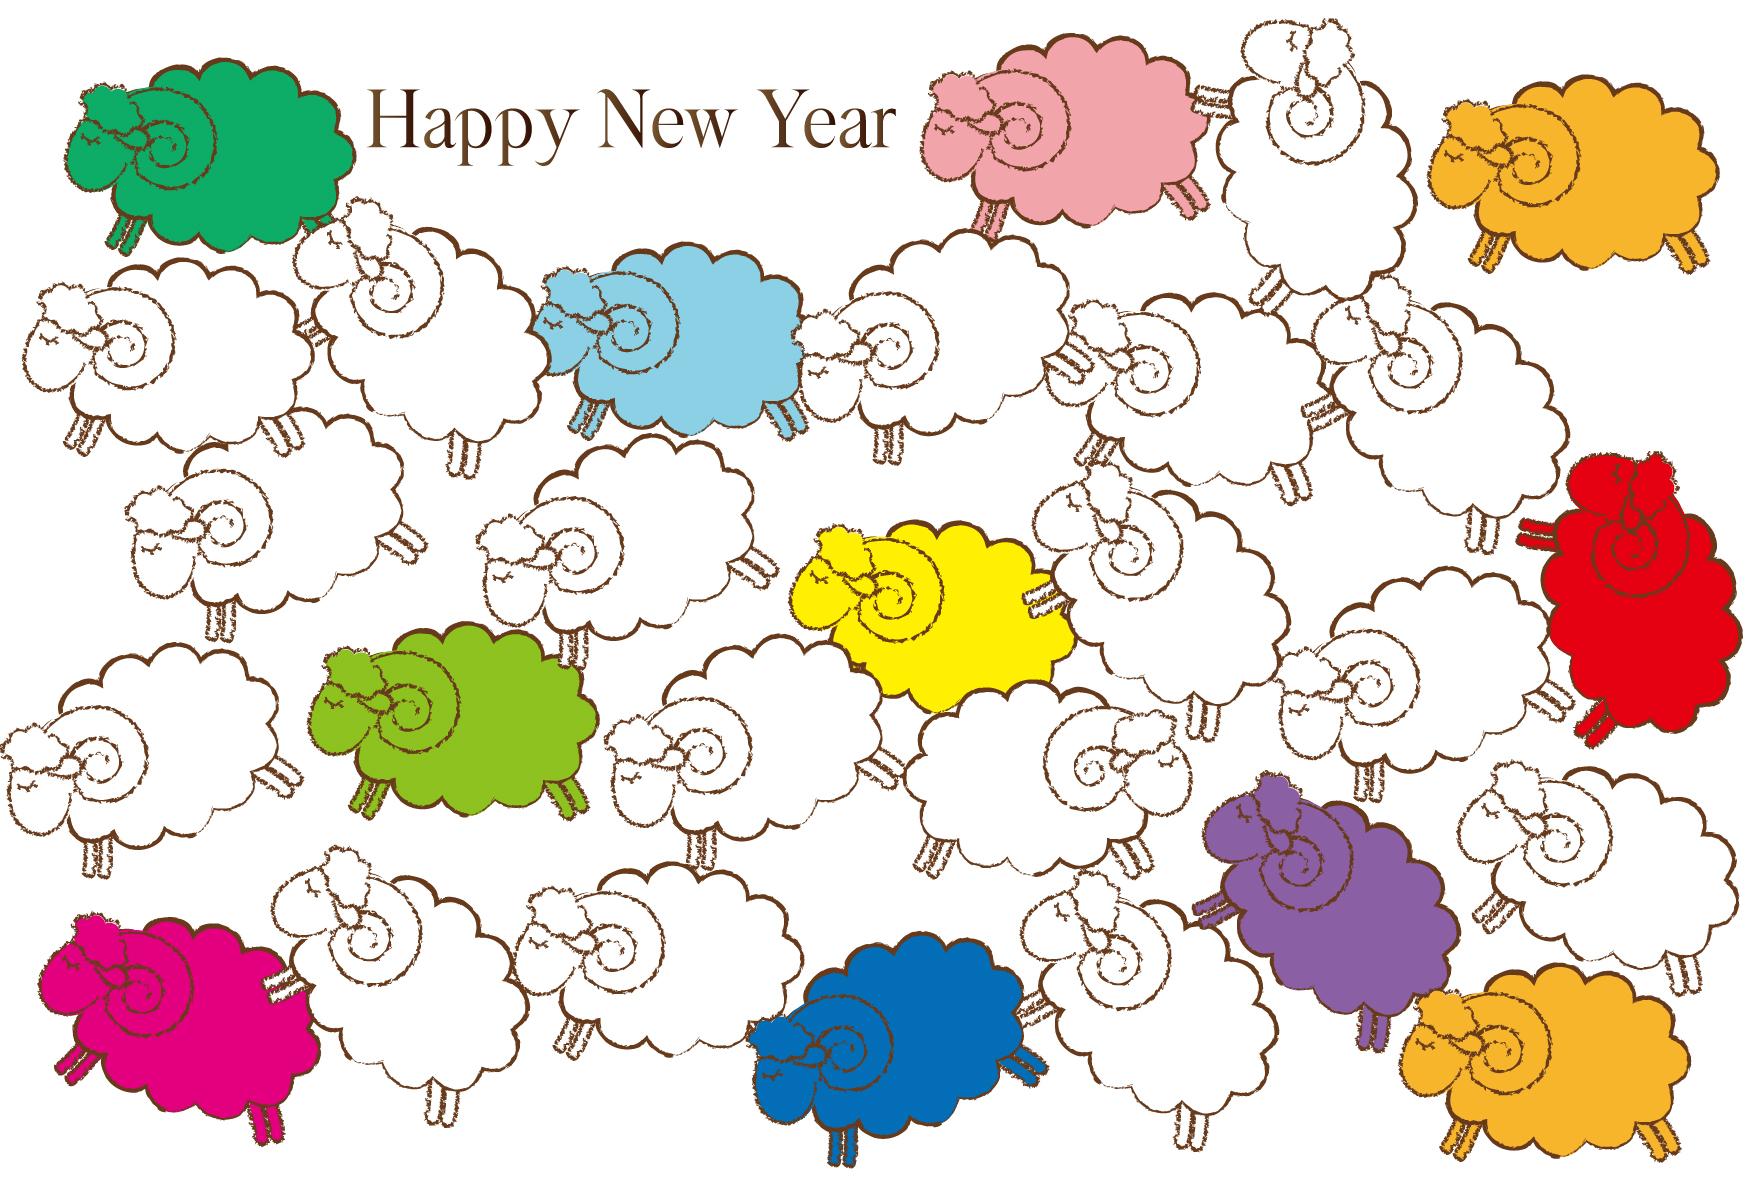 無料】シンプル&カラフル羊の群れイラスト年賀状